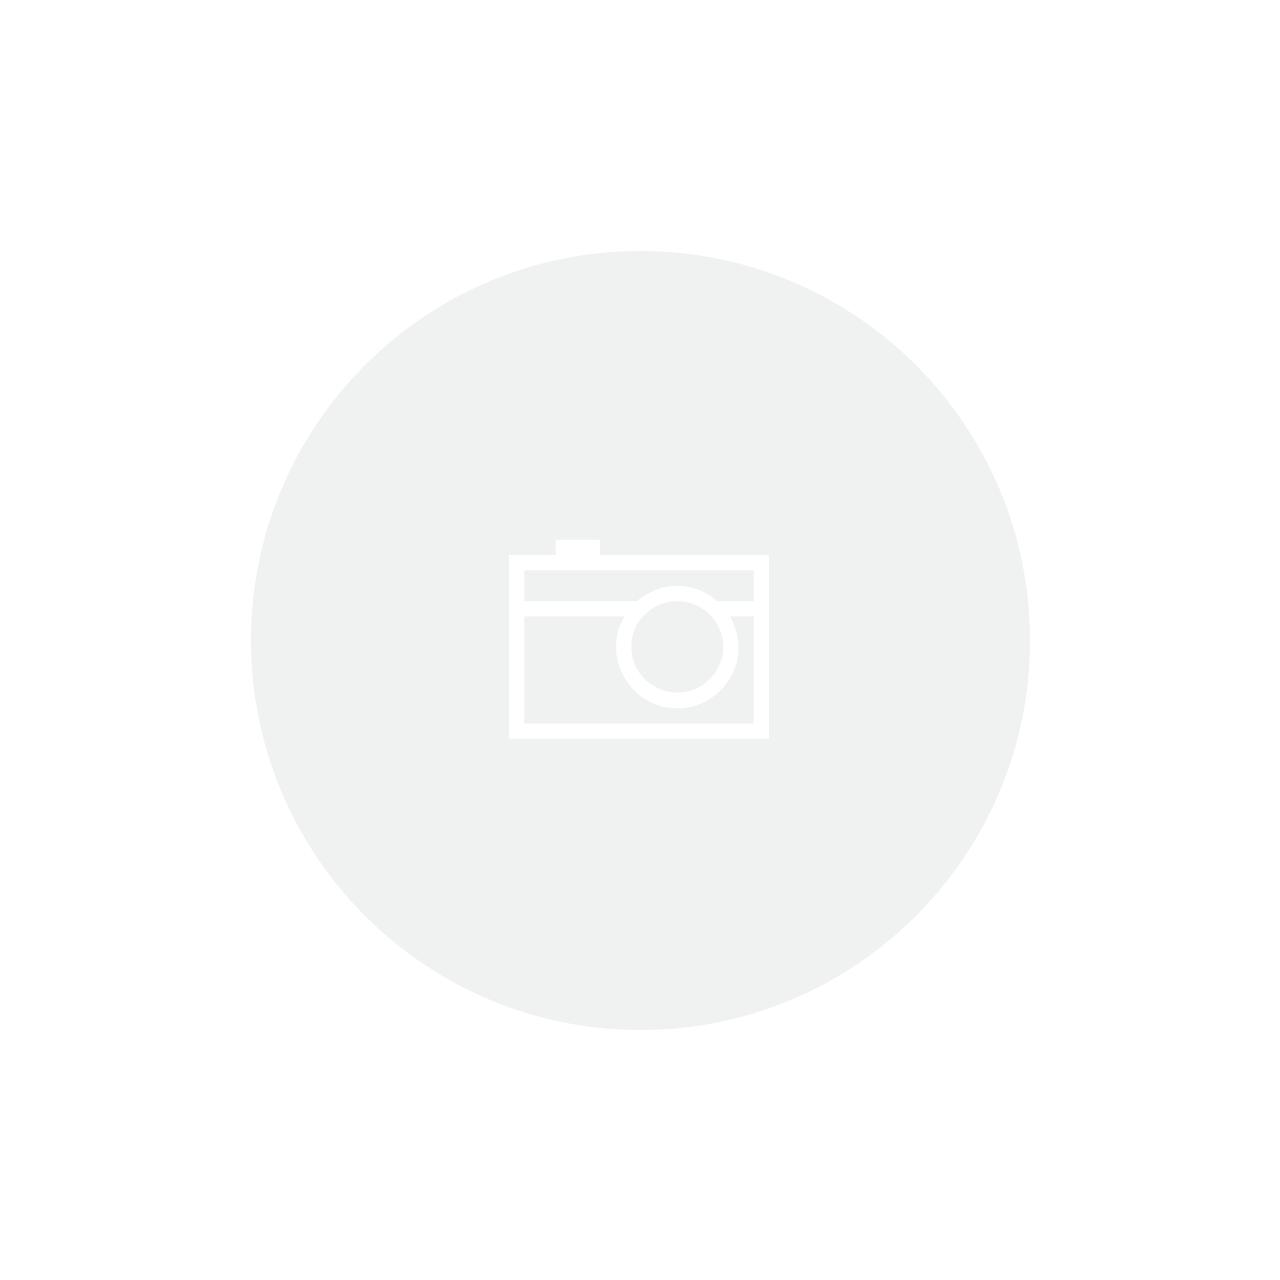 Fonte Corsair 850W 80 Plus Gold Modular Serie White RM850x - CP-9020156-WW